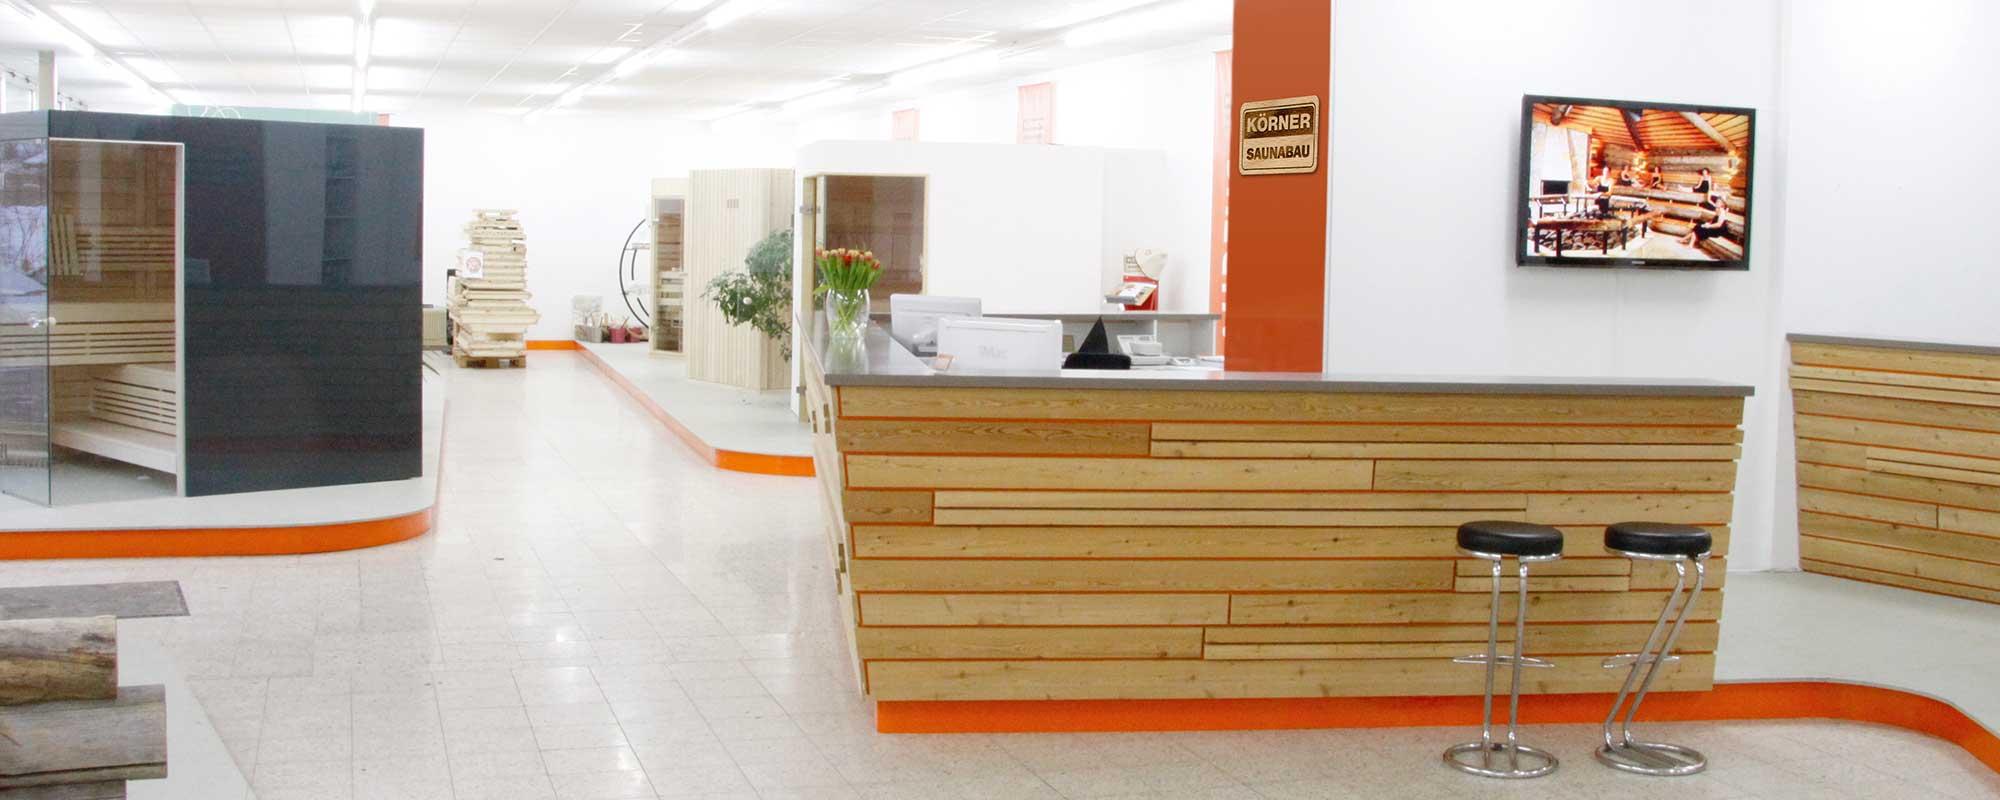 KOERNER Sauna-Ausstellung